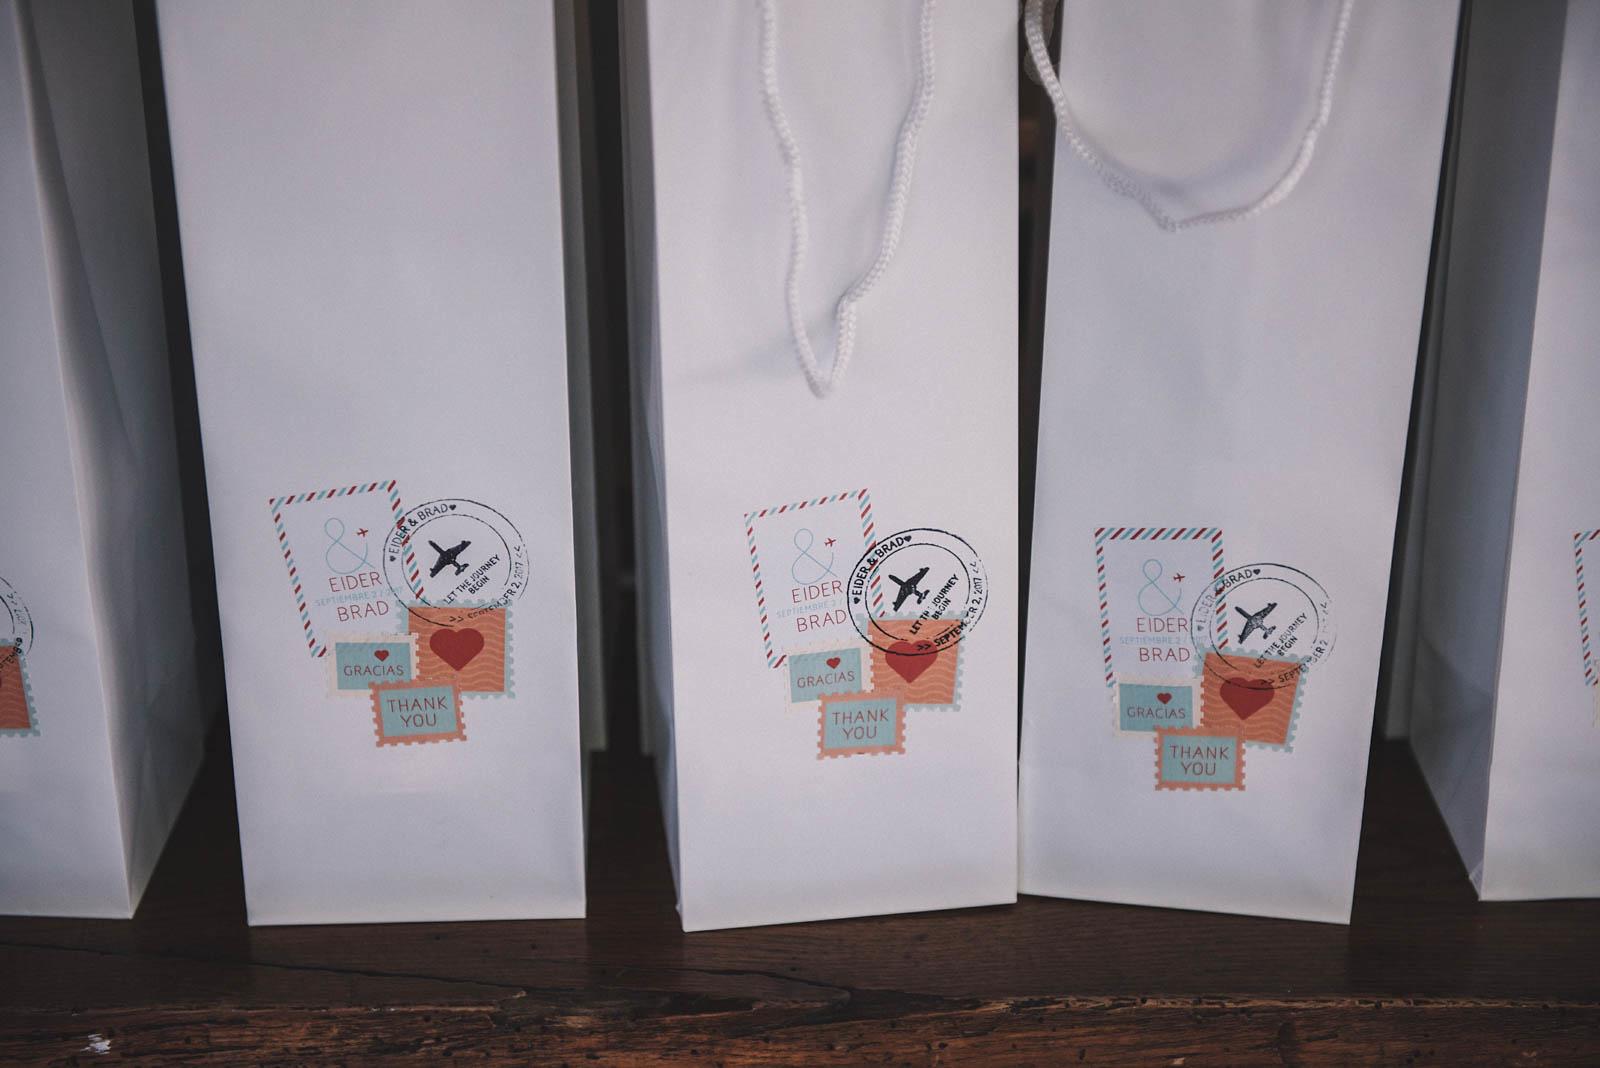 Regalo para invitados a una boda, vino, packaging por Conmemora